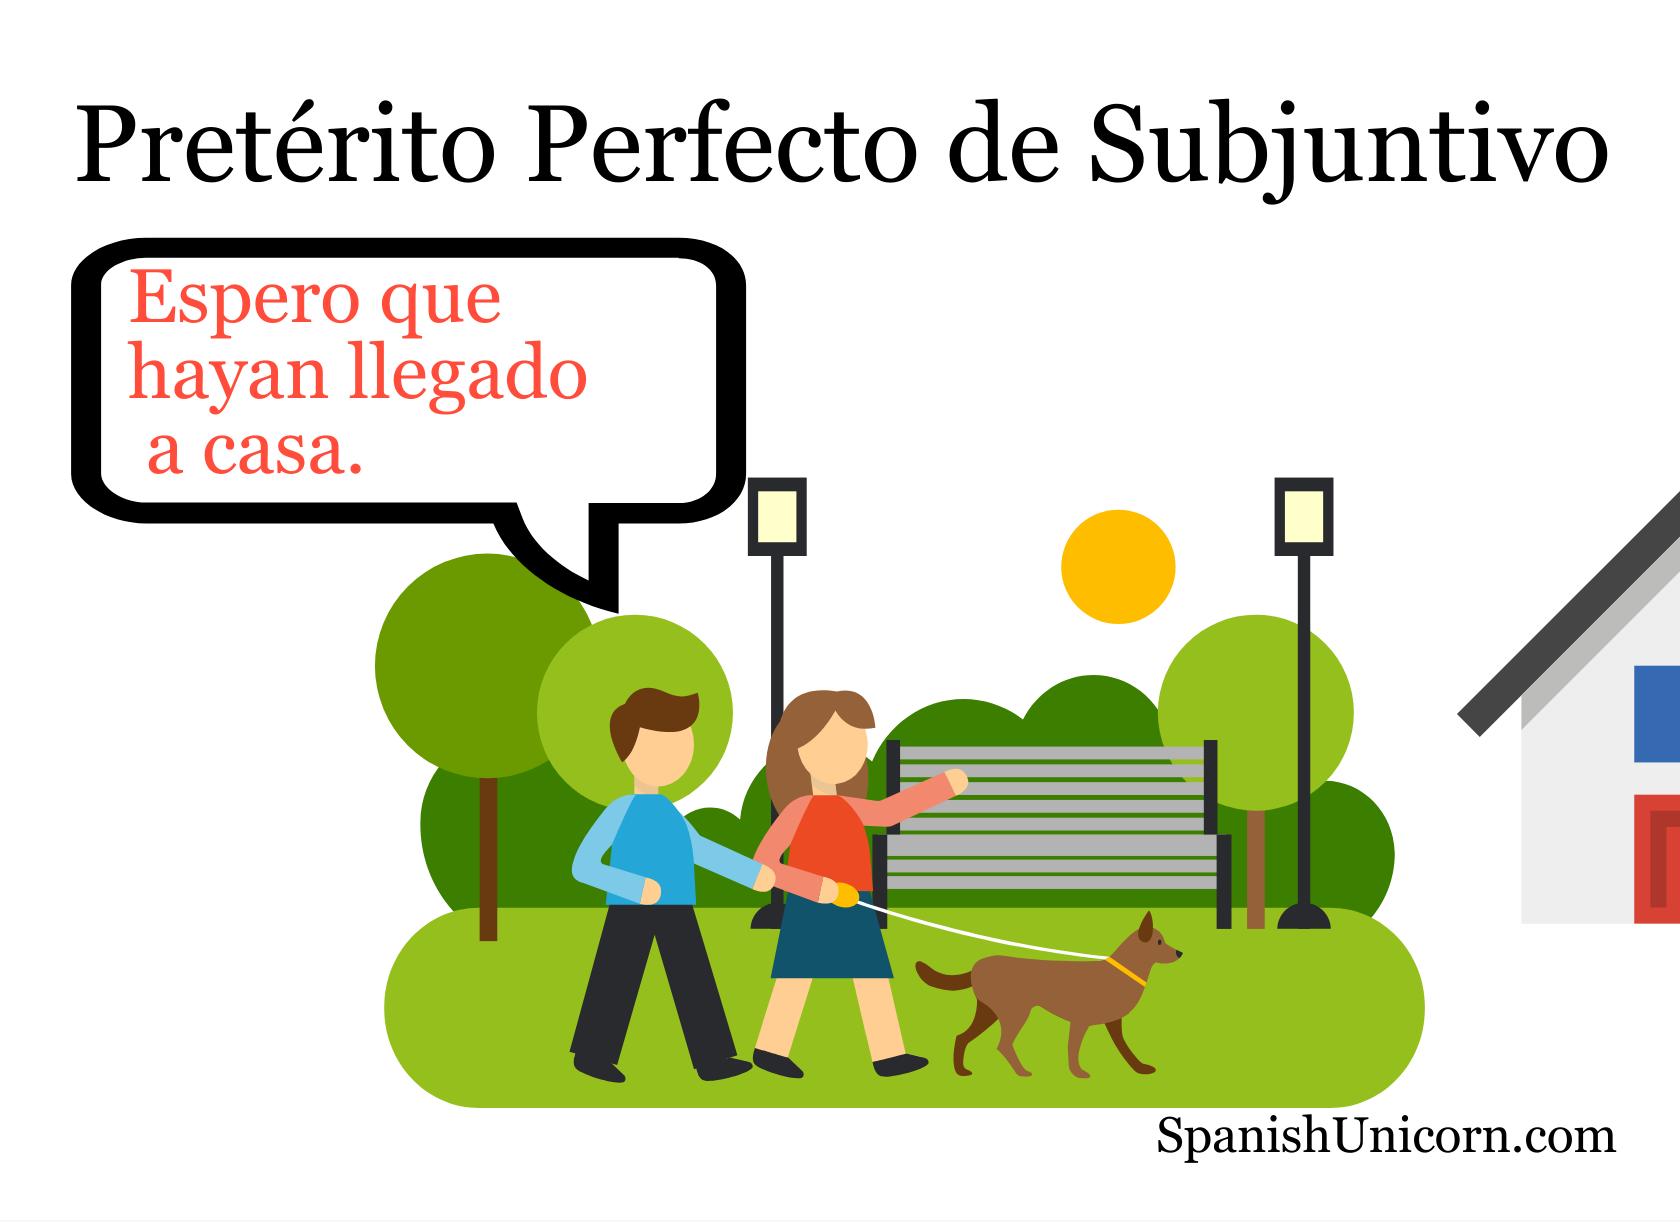 Pretérito Perfecto de Subjuntivo EJERCICIOS